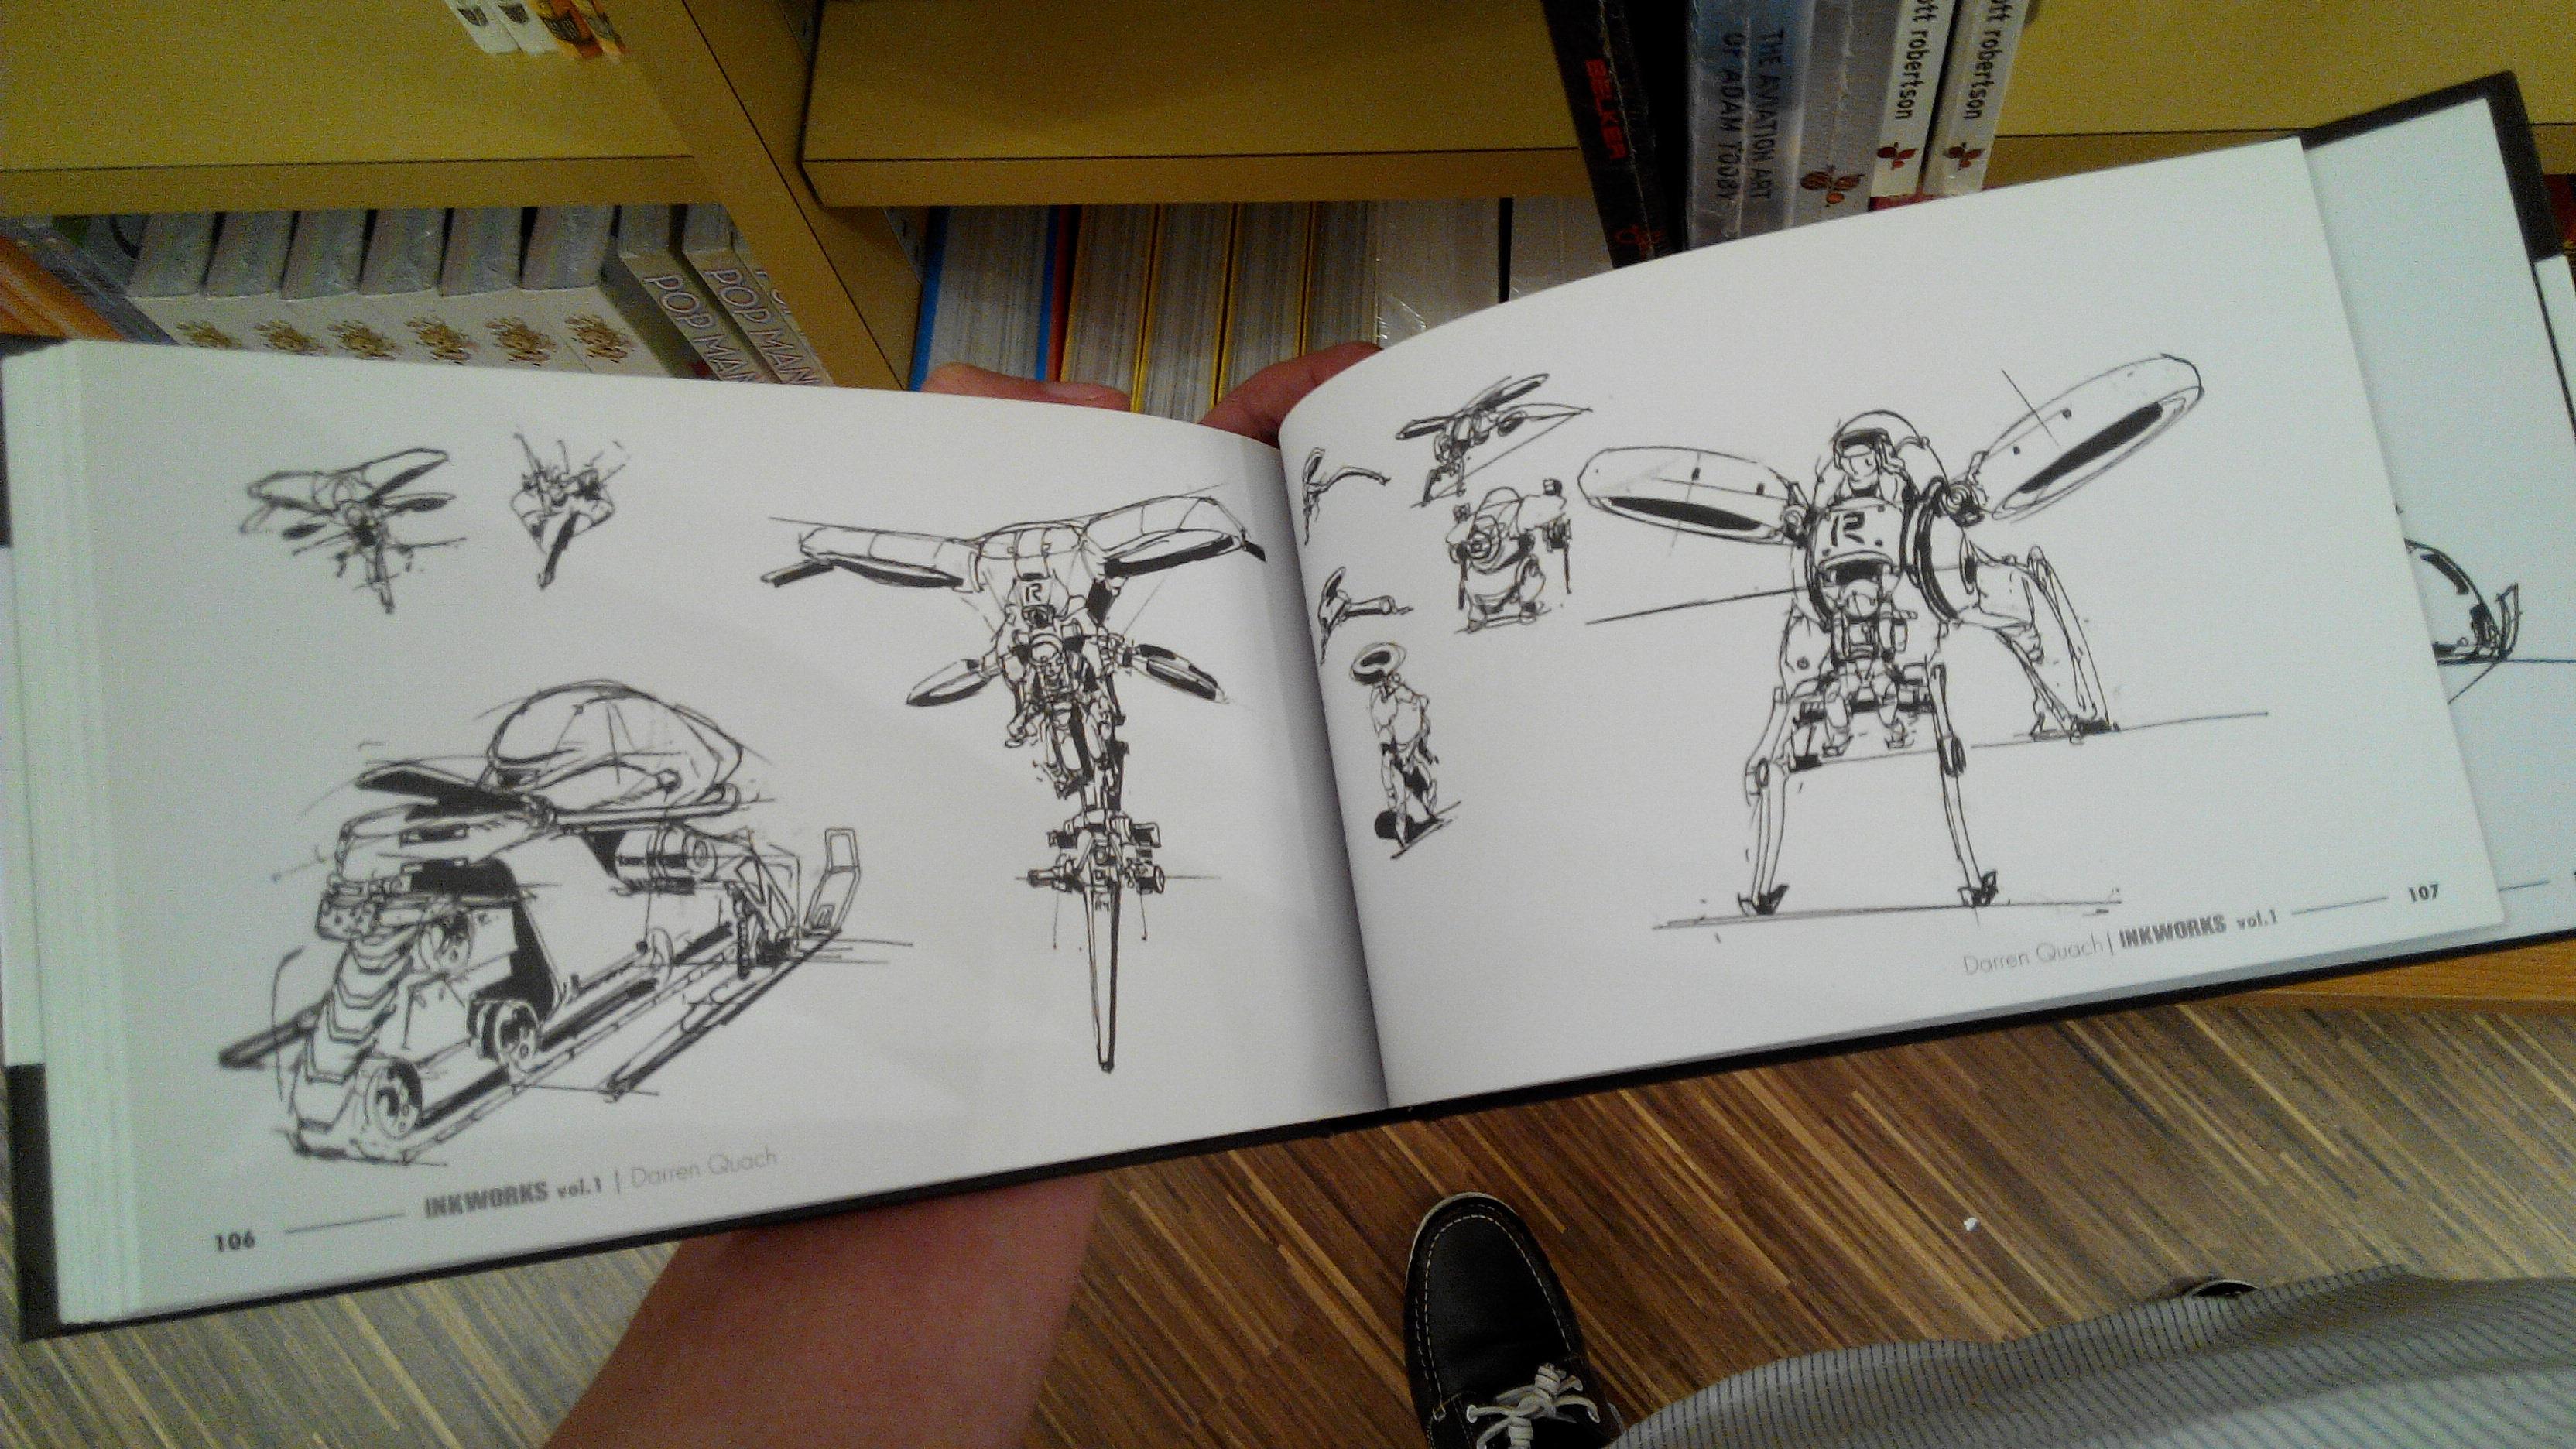 Darren Quach Art book a.jpg